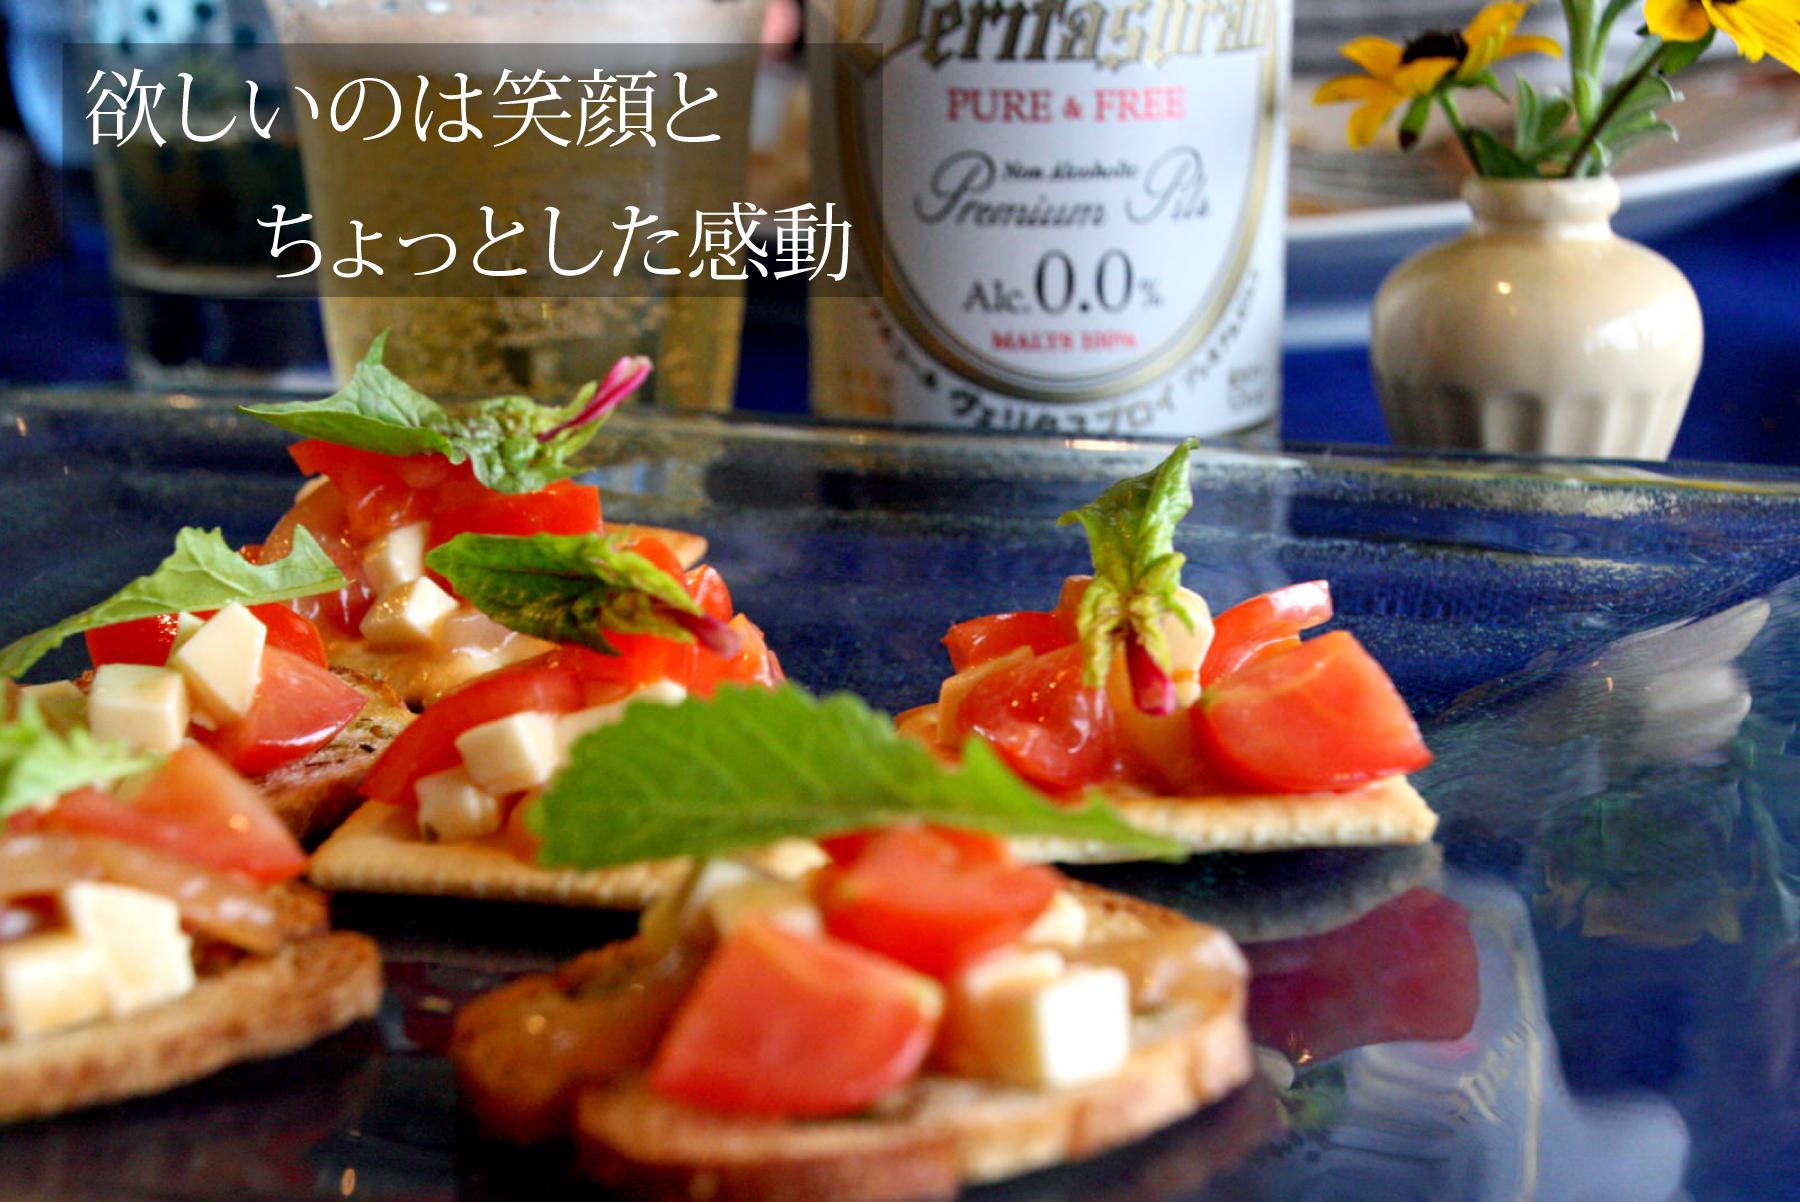 萩美人漬け(ひしお)を使った【トマトとチーズのタルティーヌ】